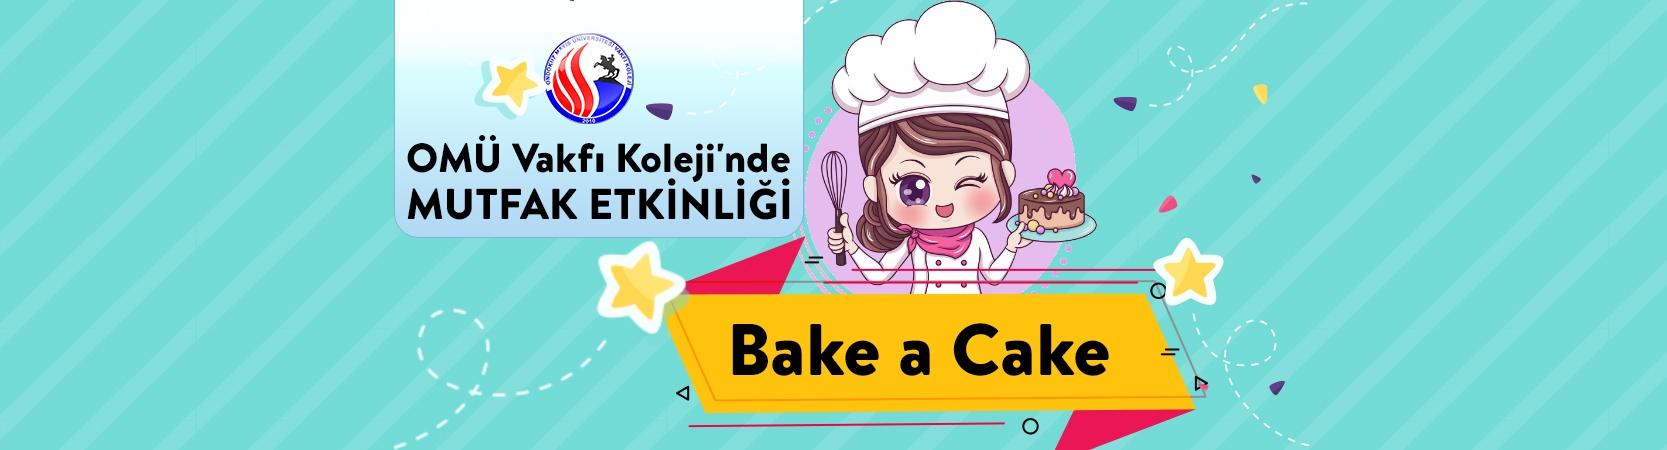 OMÜ Vakfı Koleji'nde Mutfak Etkinliği: Bake a Cake